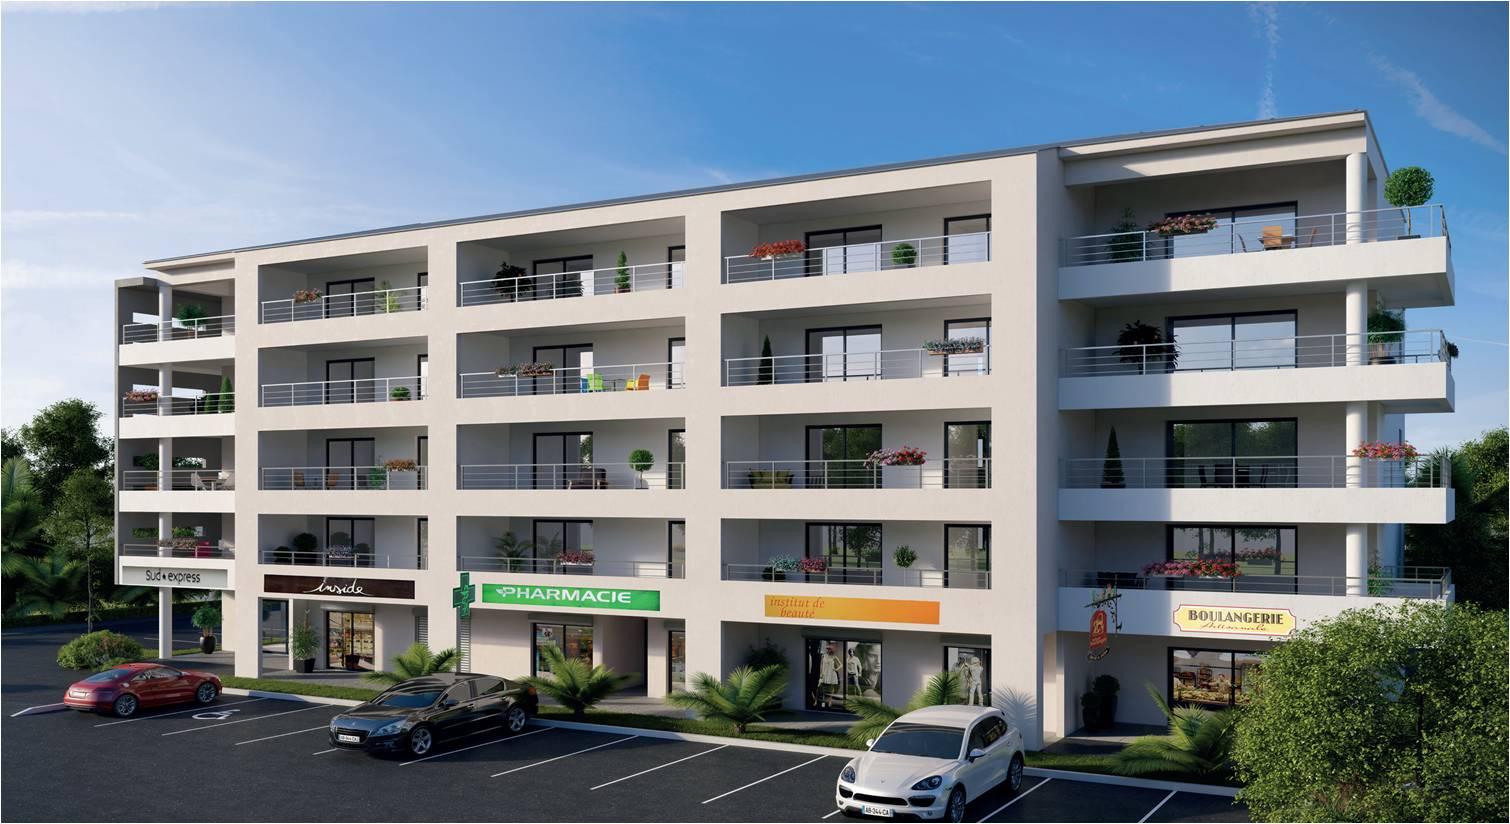 C'est le moment de faire appel à un promoteur immobilier à Montpellier